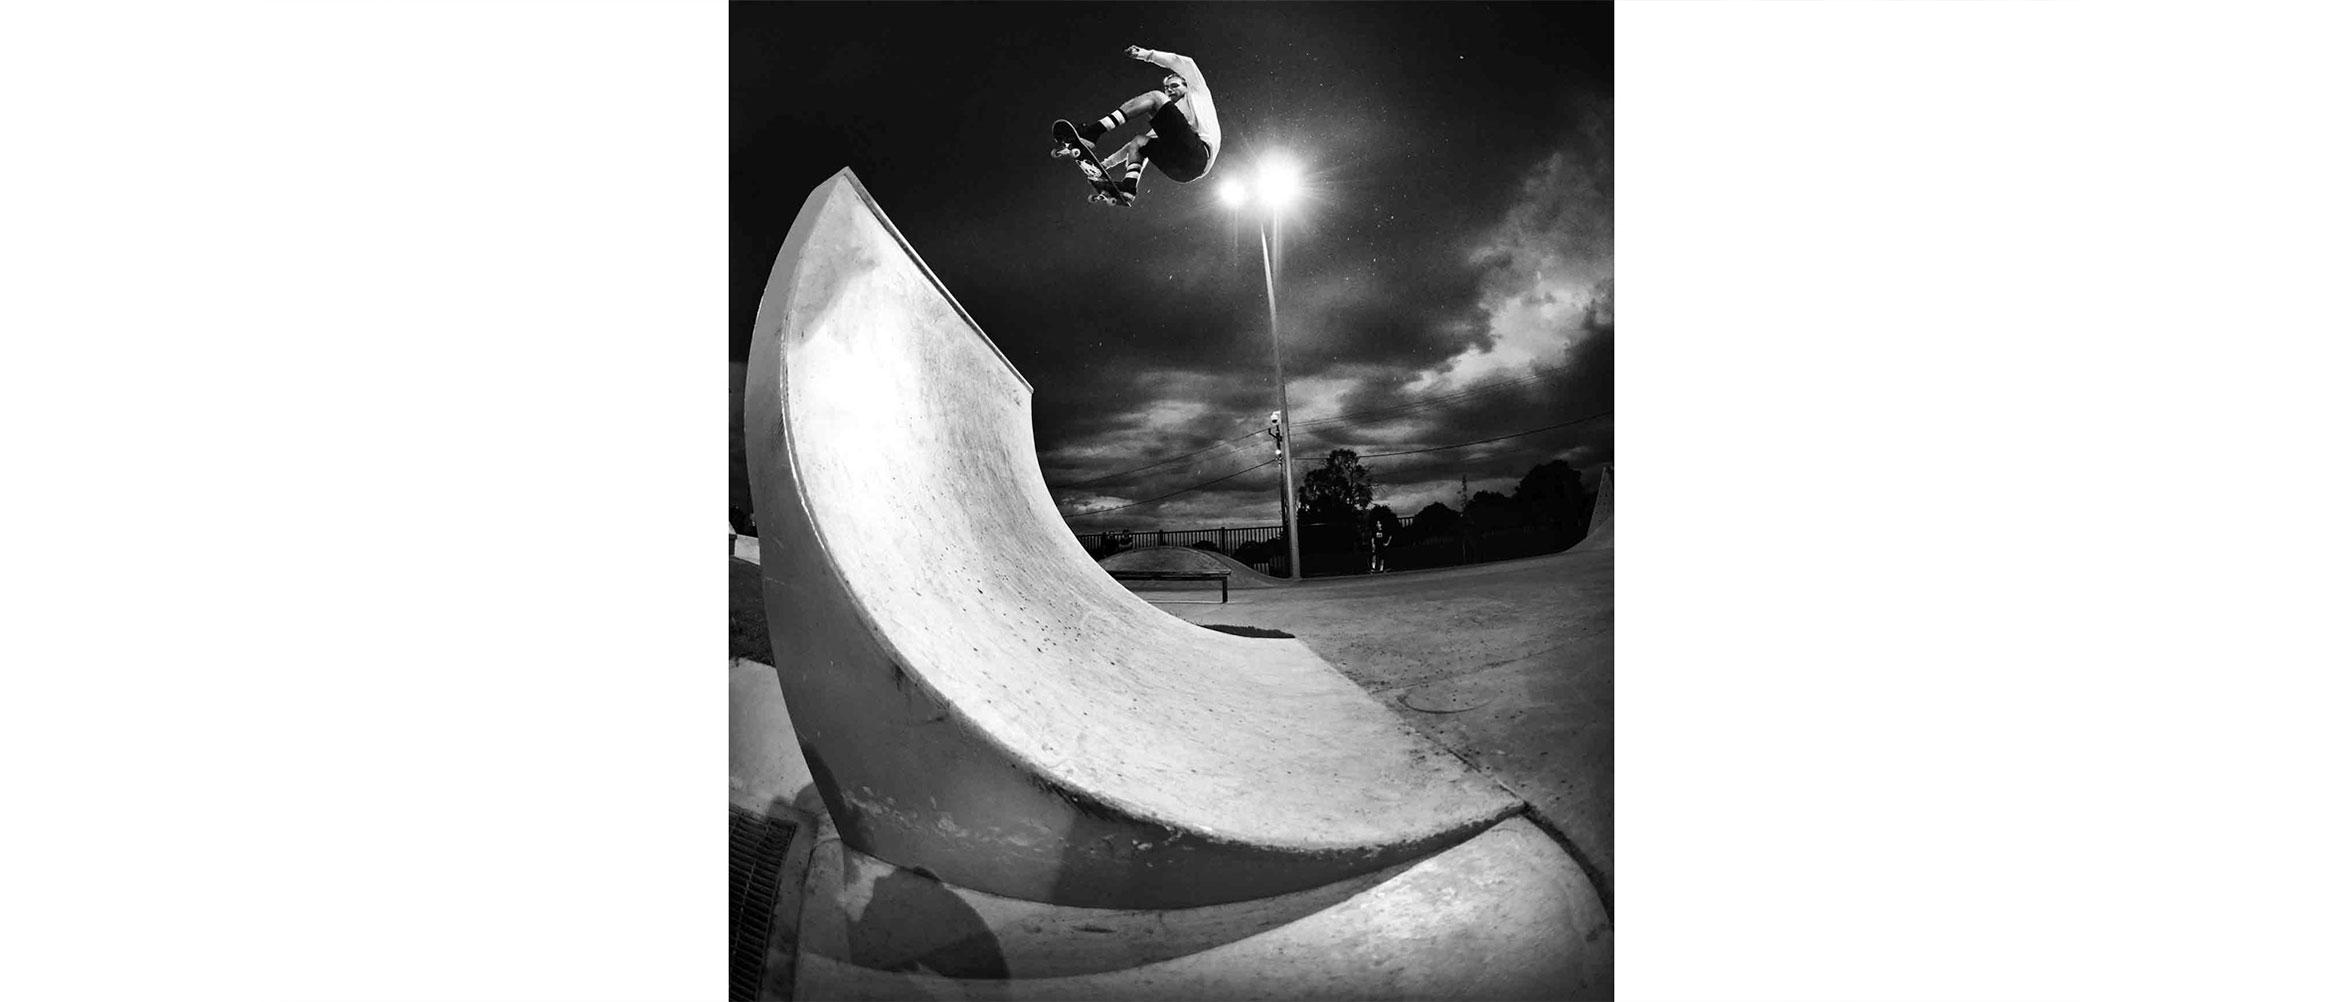 Bugs Fardell fs ollie DC demo Noble Park skate park